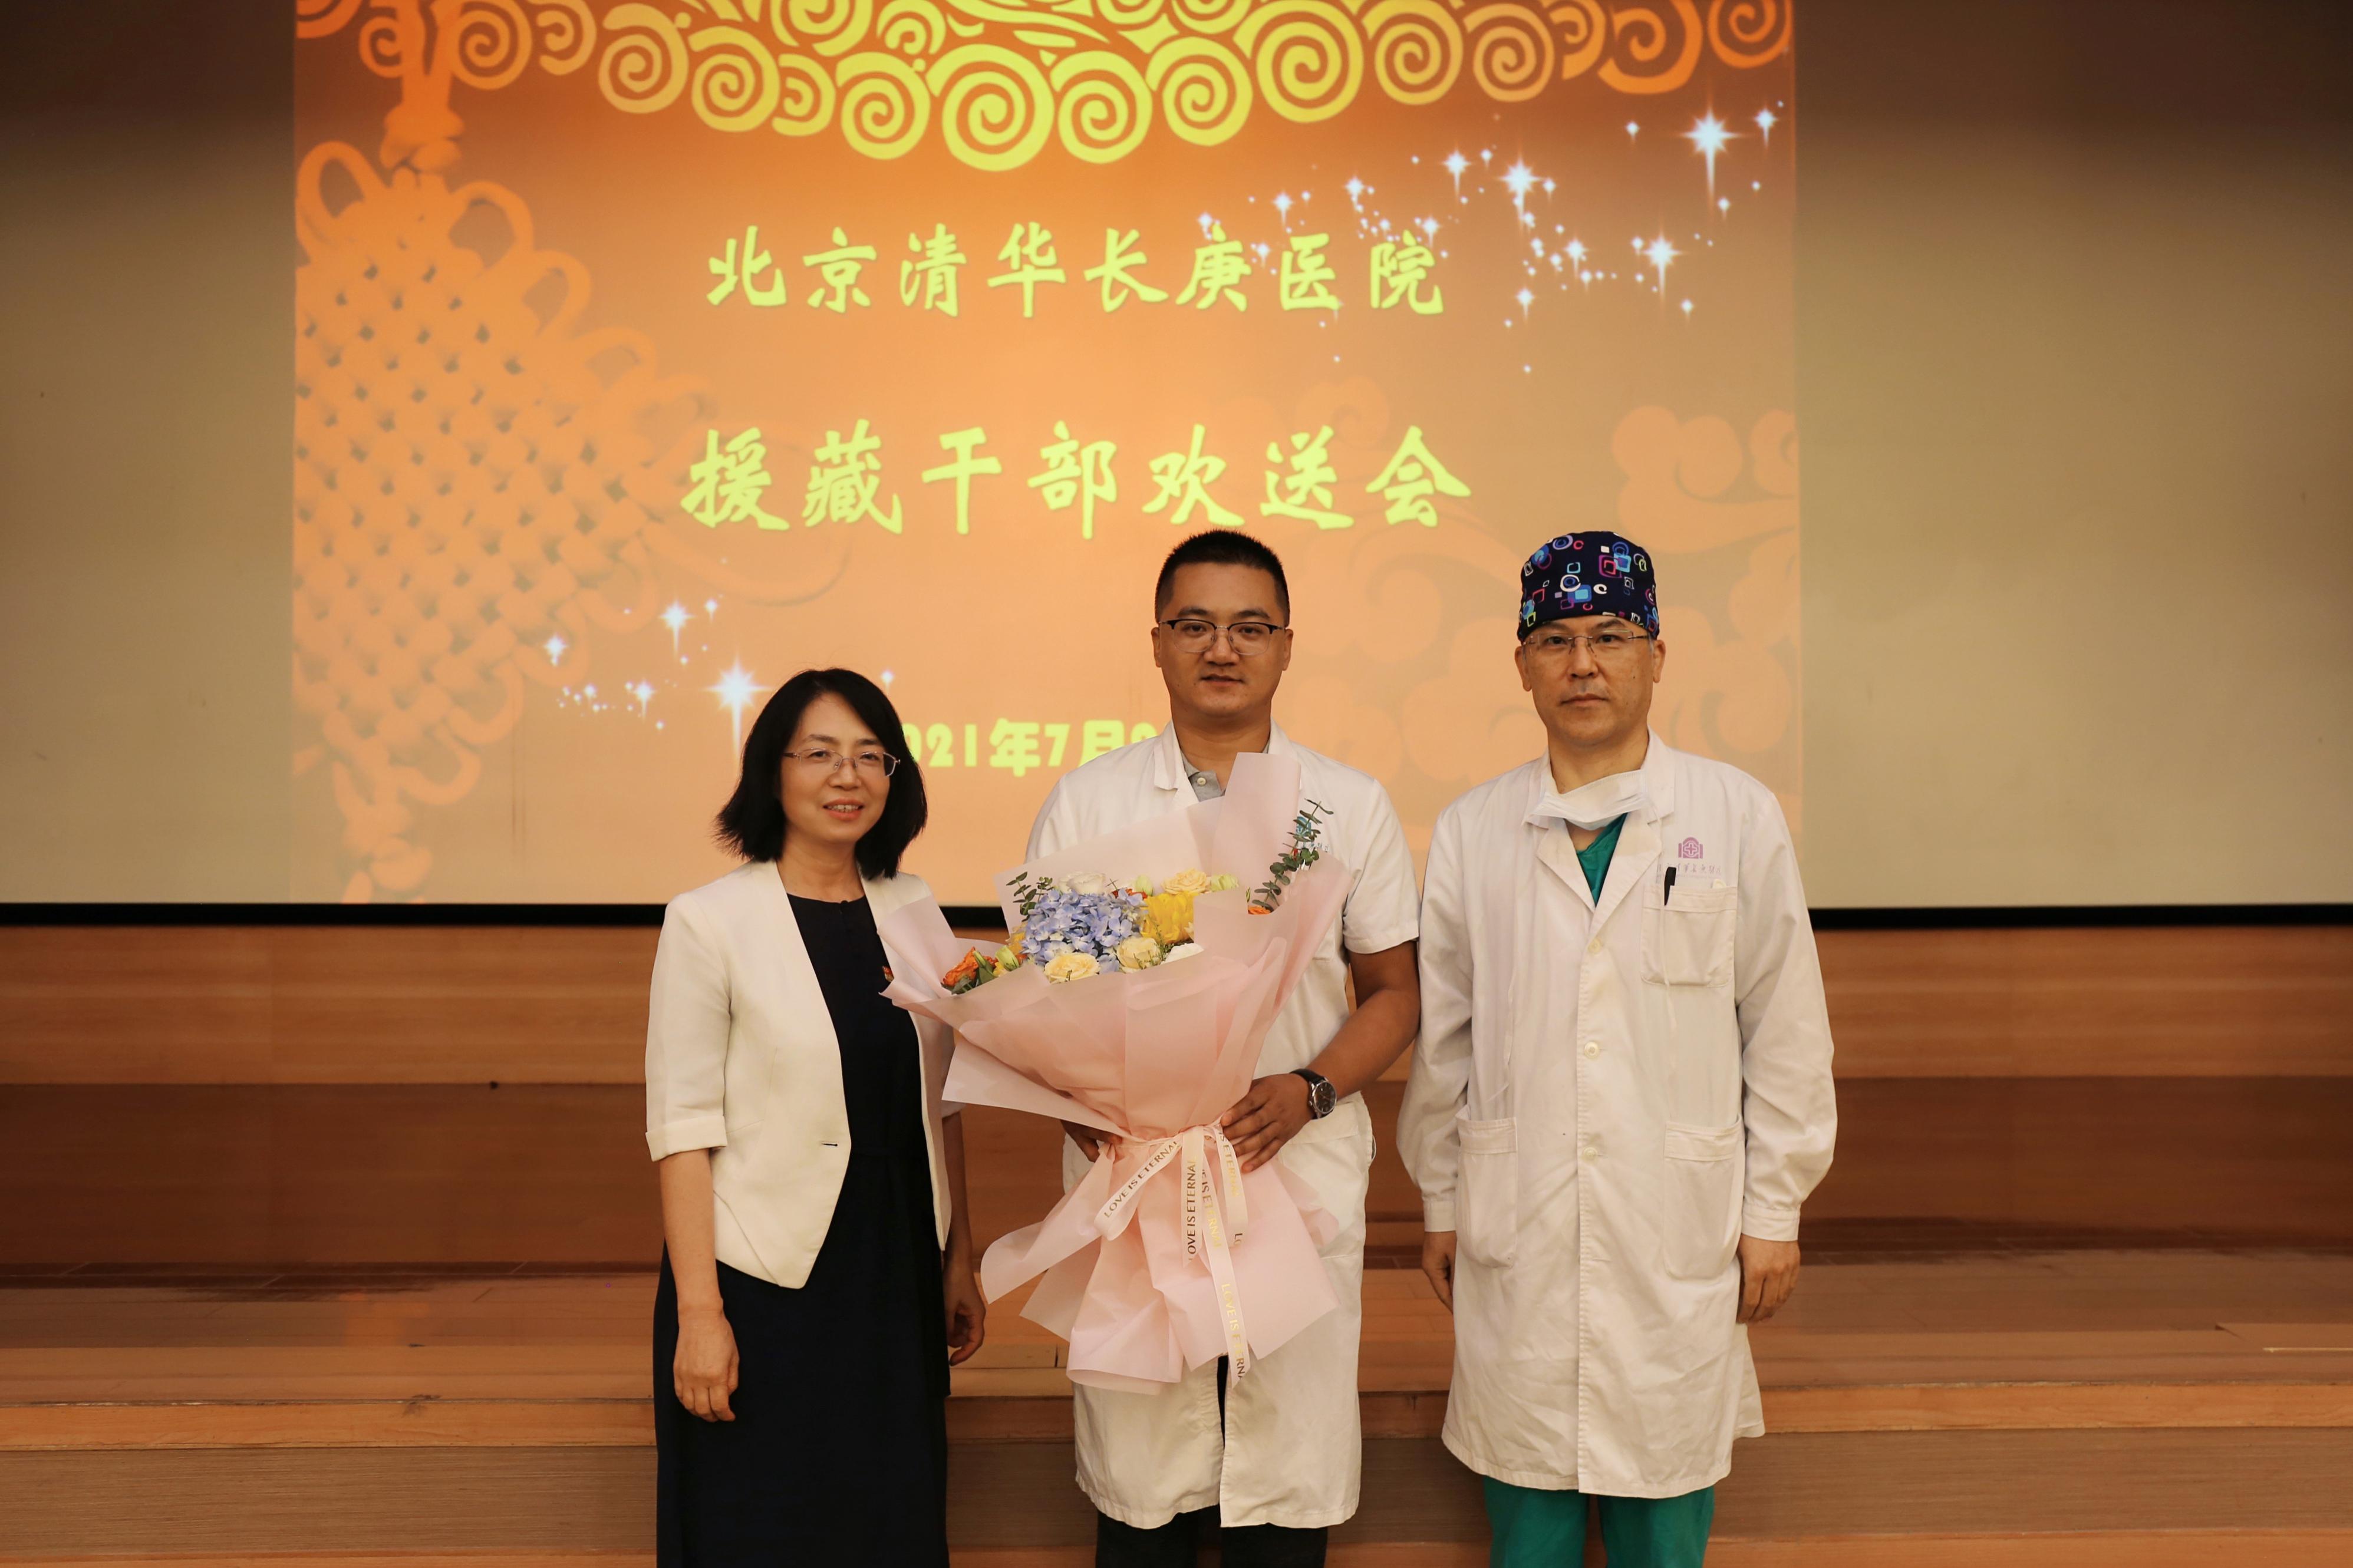 北京清华长庚医院选派医师奔赴西藏 支援医疗卫生事业发展